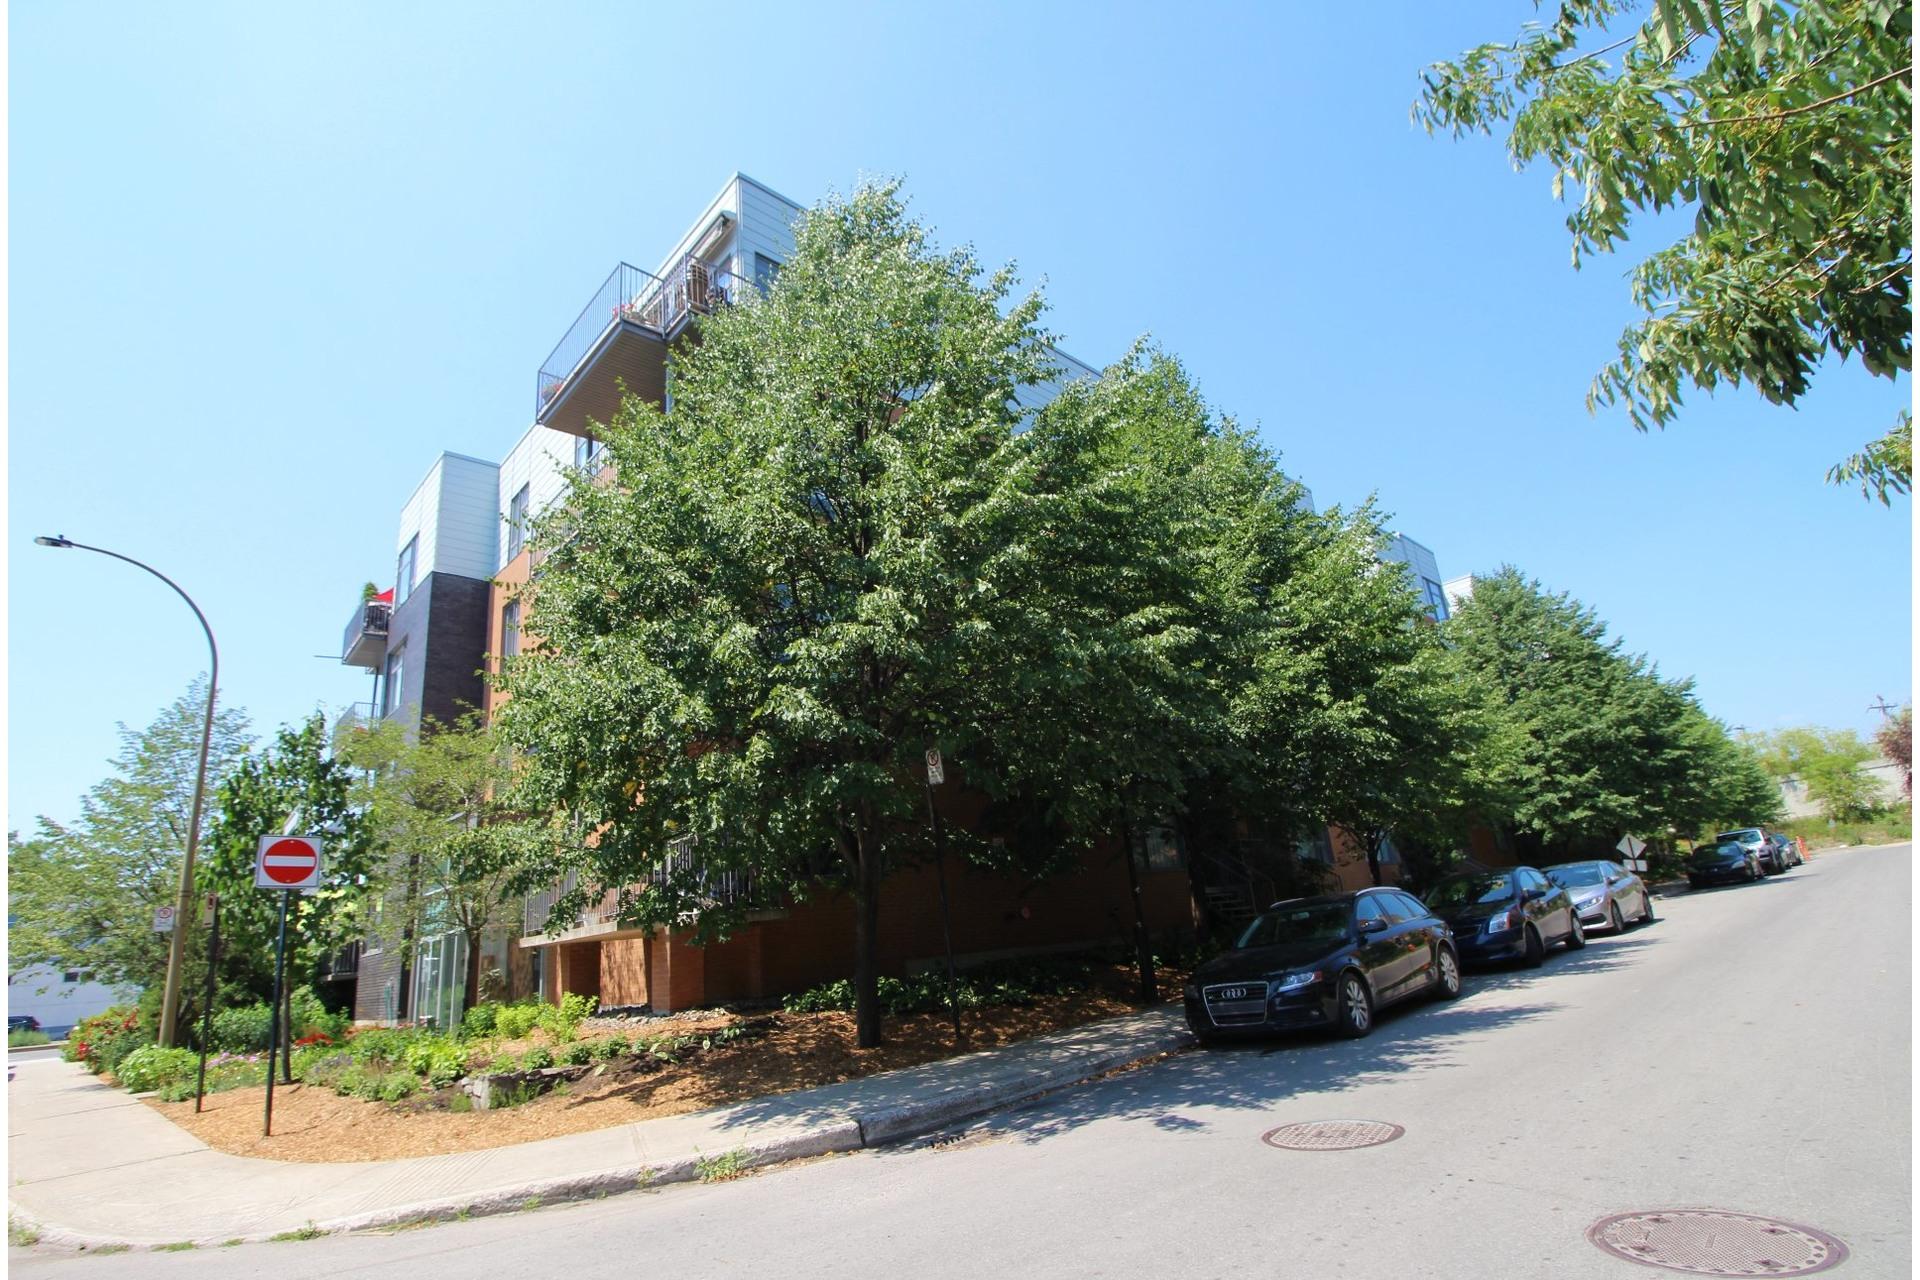 image 16 - Appartement À vendre Le Plateau-Mont-Royal Montréal  - 3 pièces